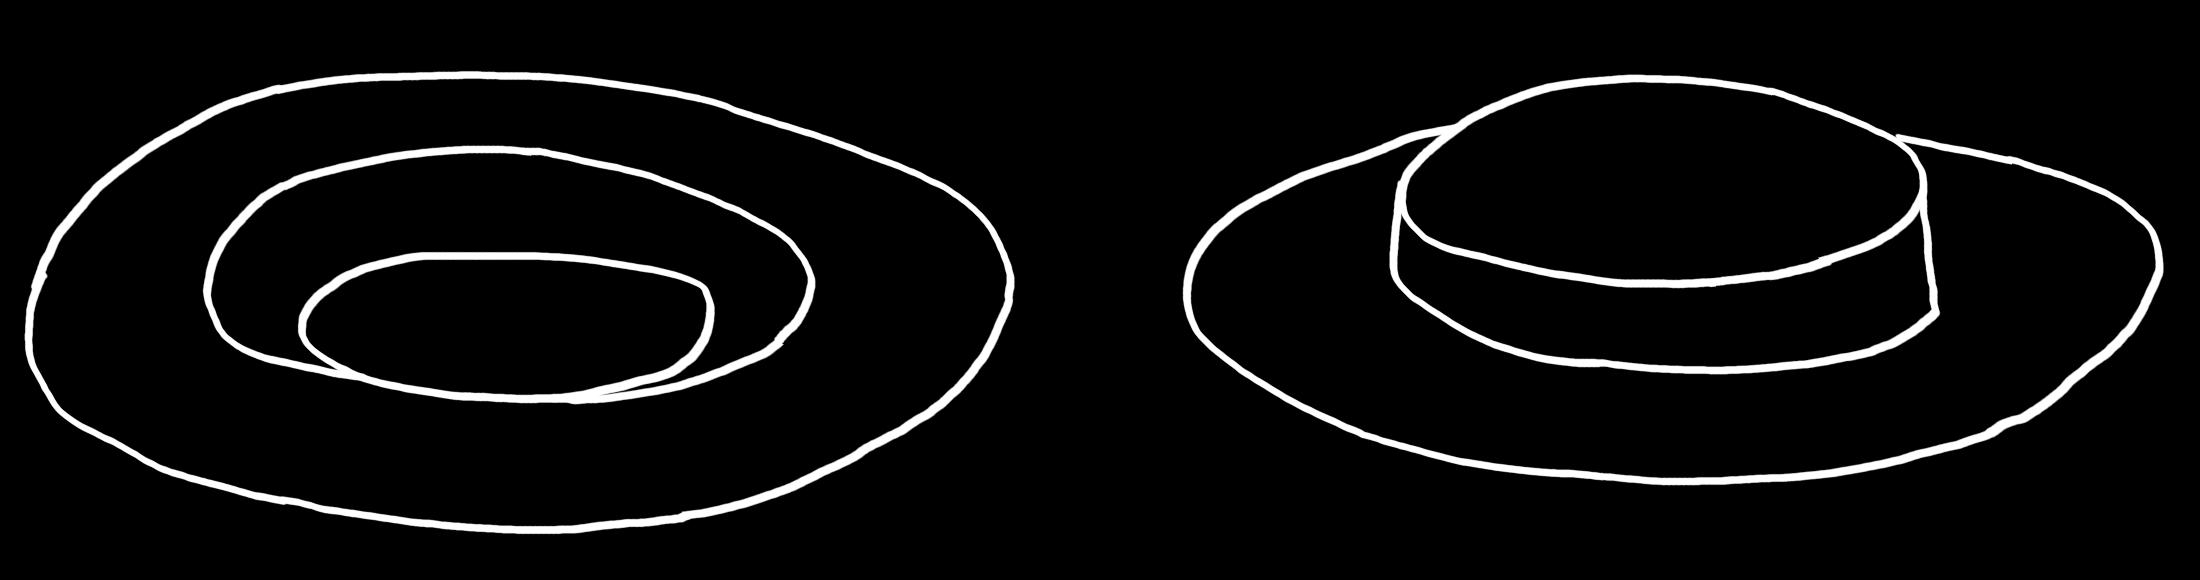 Digitale Zeichnung: weisse Linien auf schwarzem Grund. Ein Hut von oben und daneben ein Hut von unten.